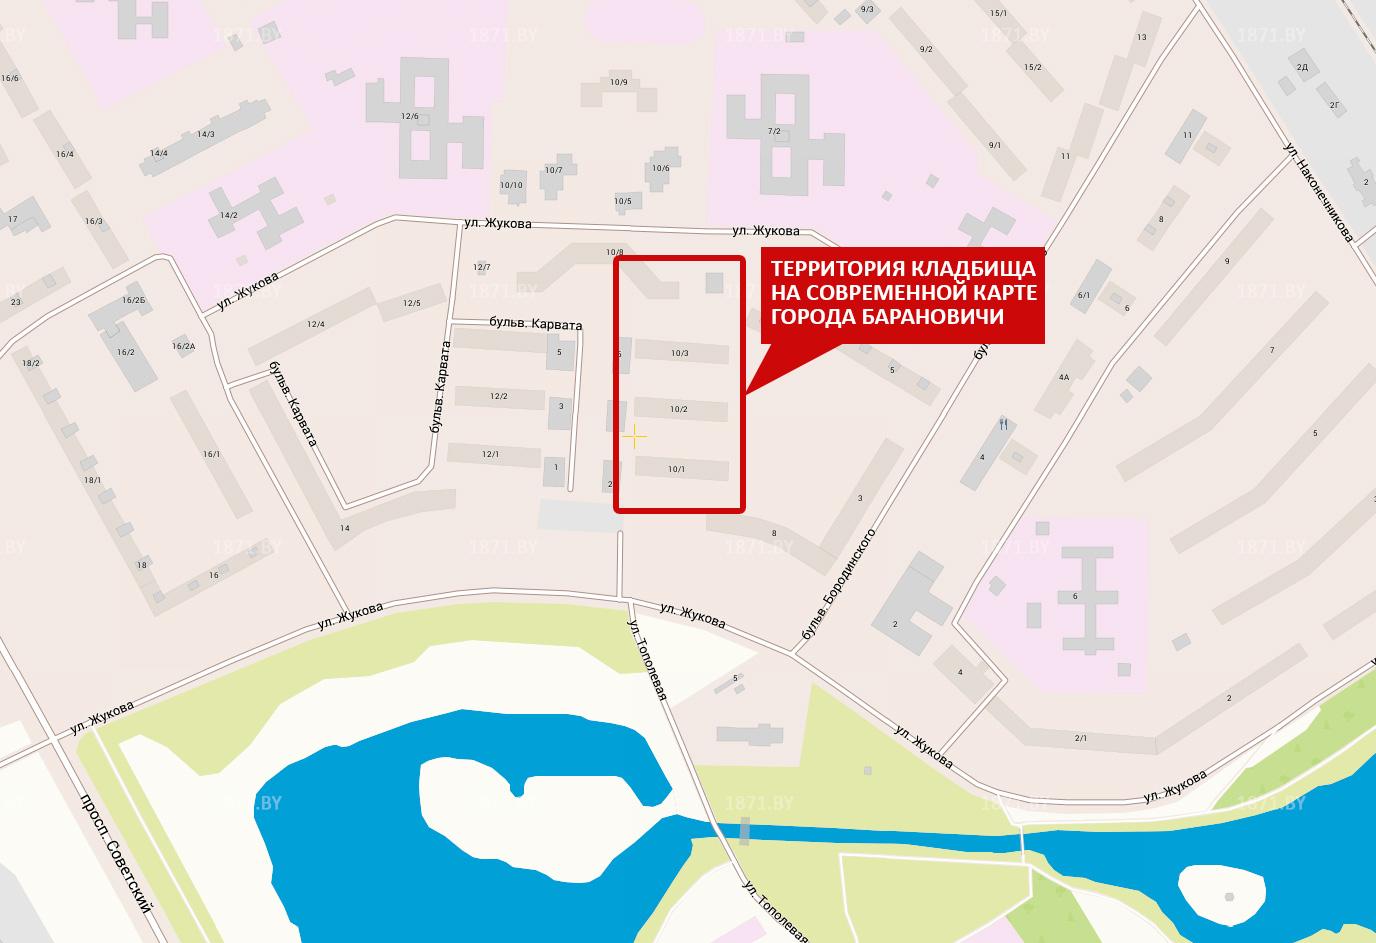 Кладбище, если смотреть на карту современного города, находилось на месте жилого массива на бульваре Карвата, 10/1, 10/2, 10/3.